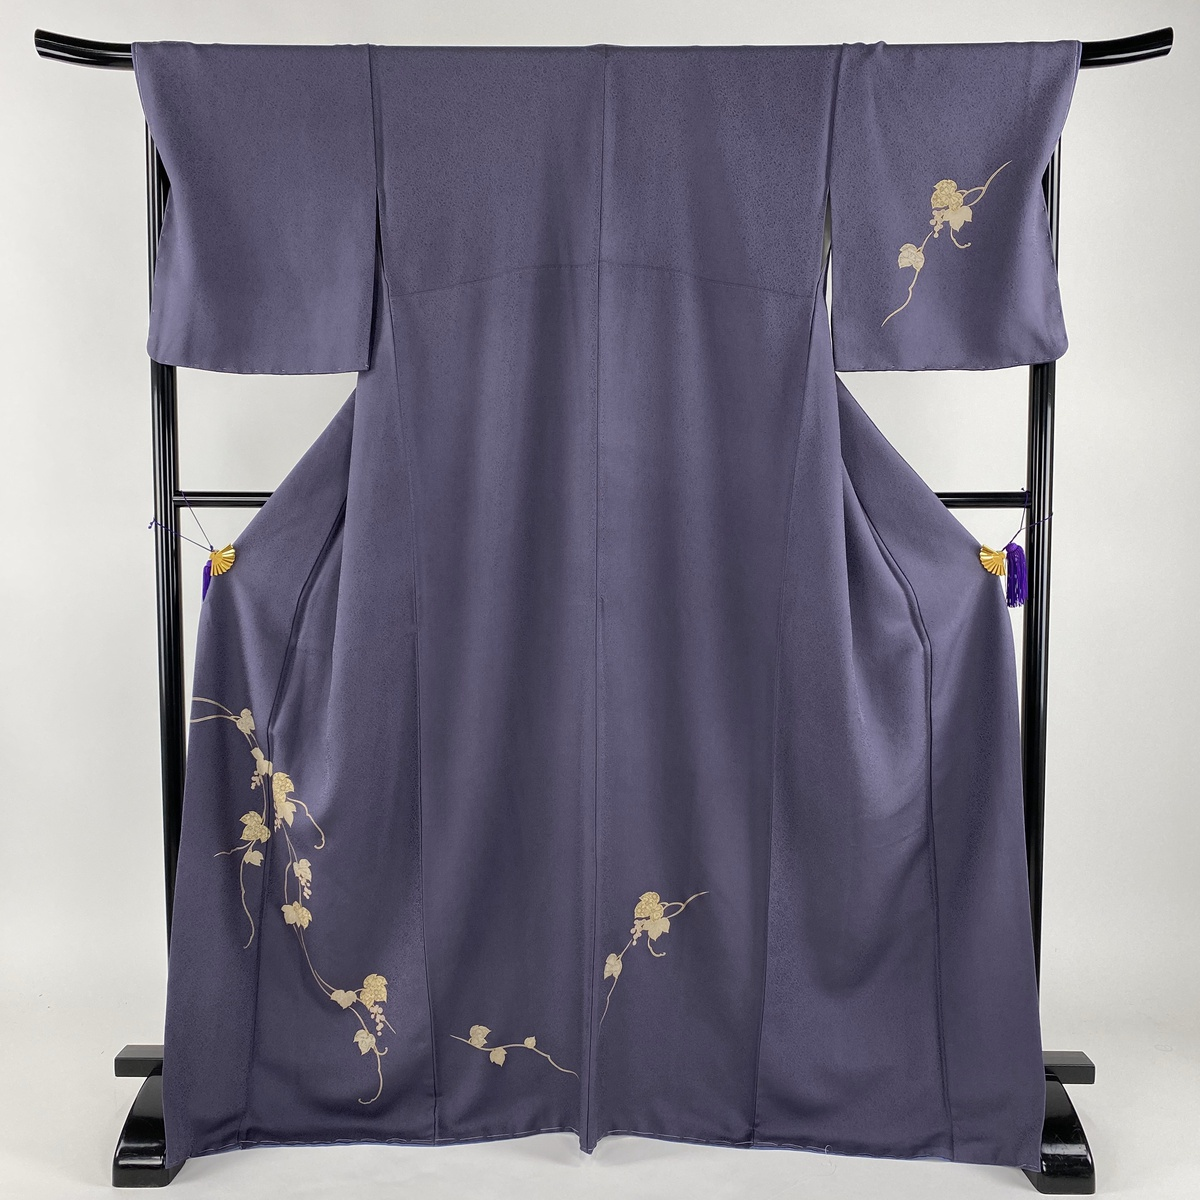 付下げ 美品 名品 葡萄 金彩 灰紫 袷 身丈170cm 裄丈68cm L 正絹 【中古】